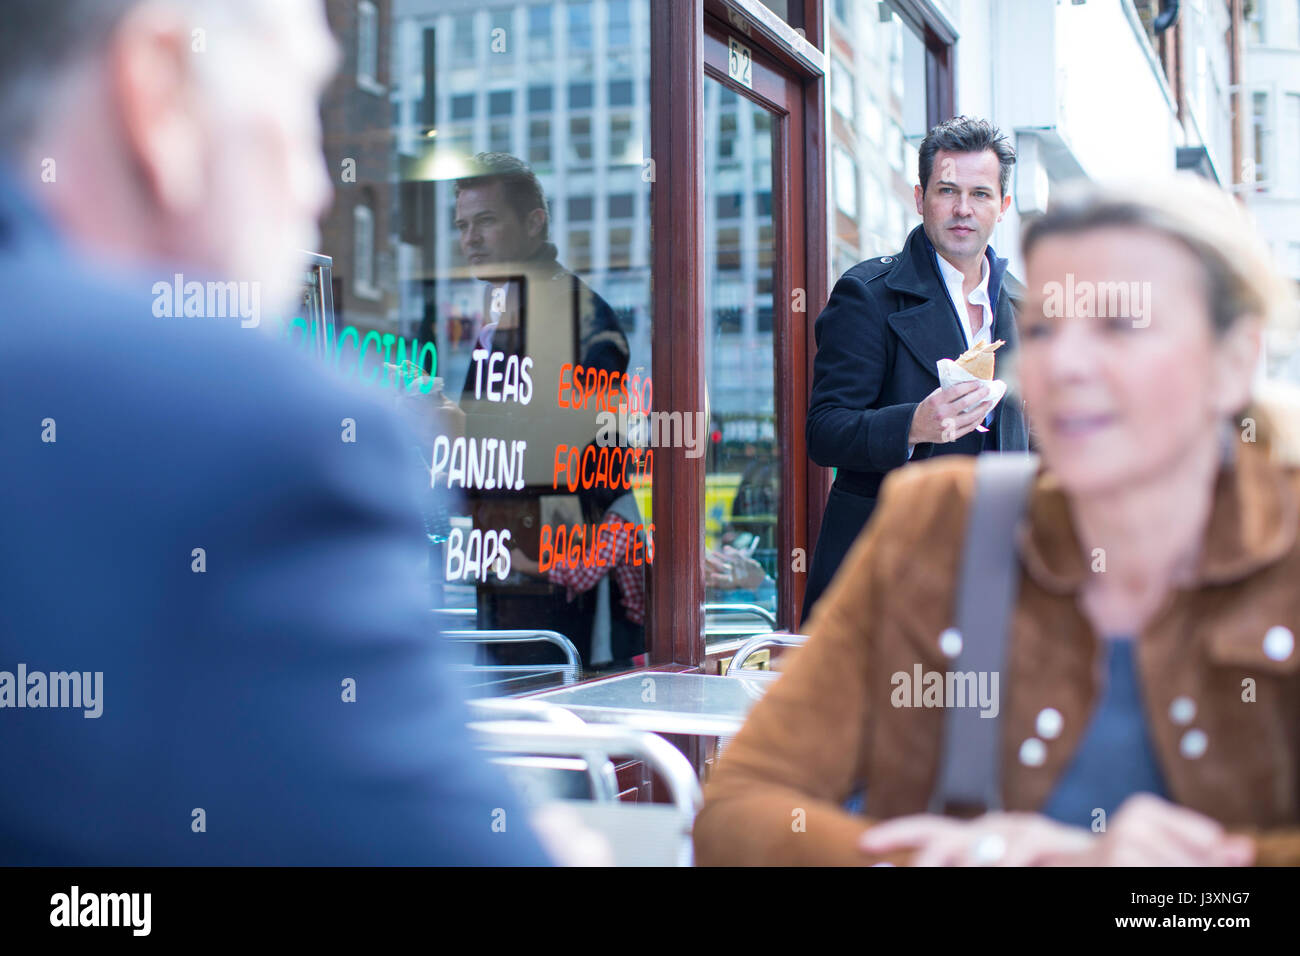 Le persone al cafe' sul marciapiede avente il pranzo Immagini Stock